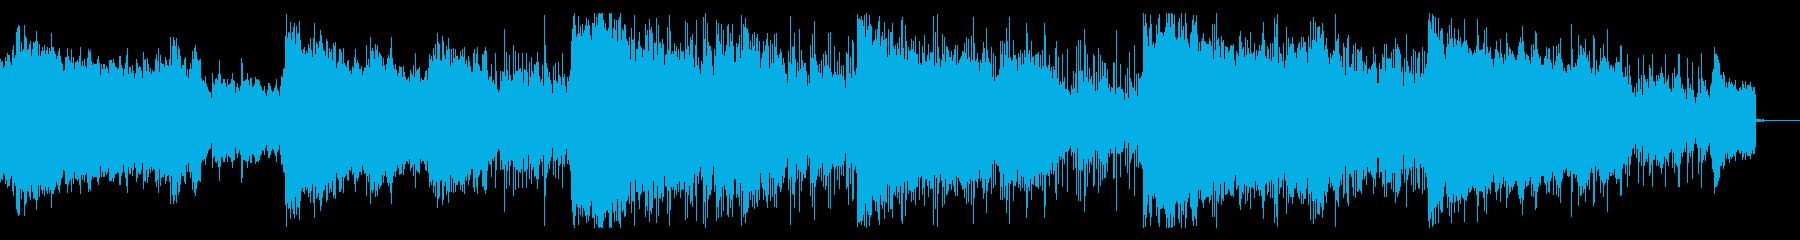 デジタルで不気味なインダストリアルの再生済みの波形